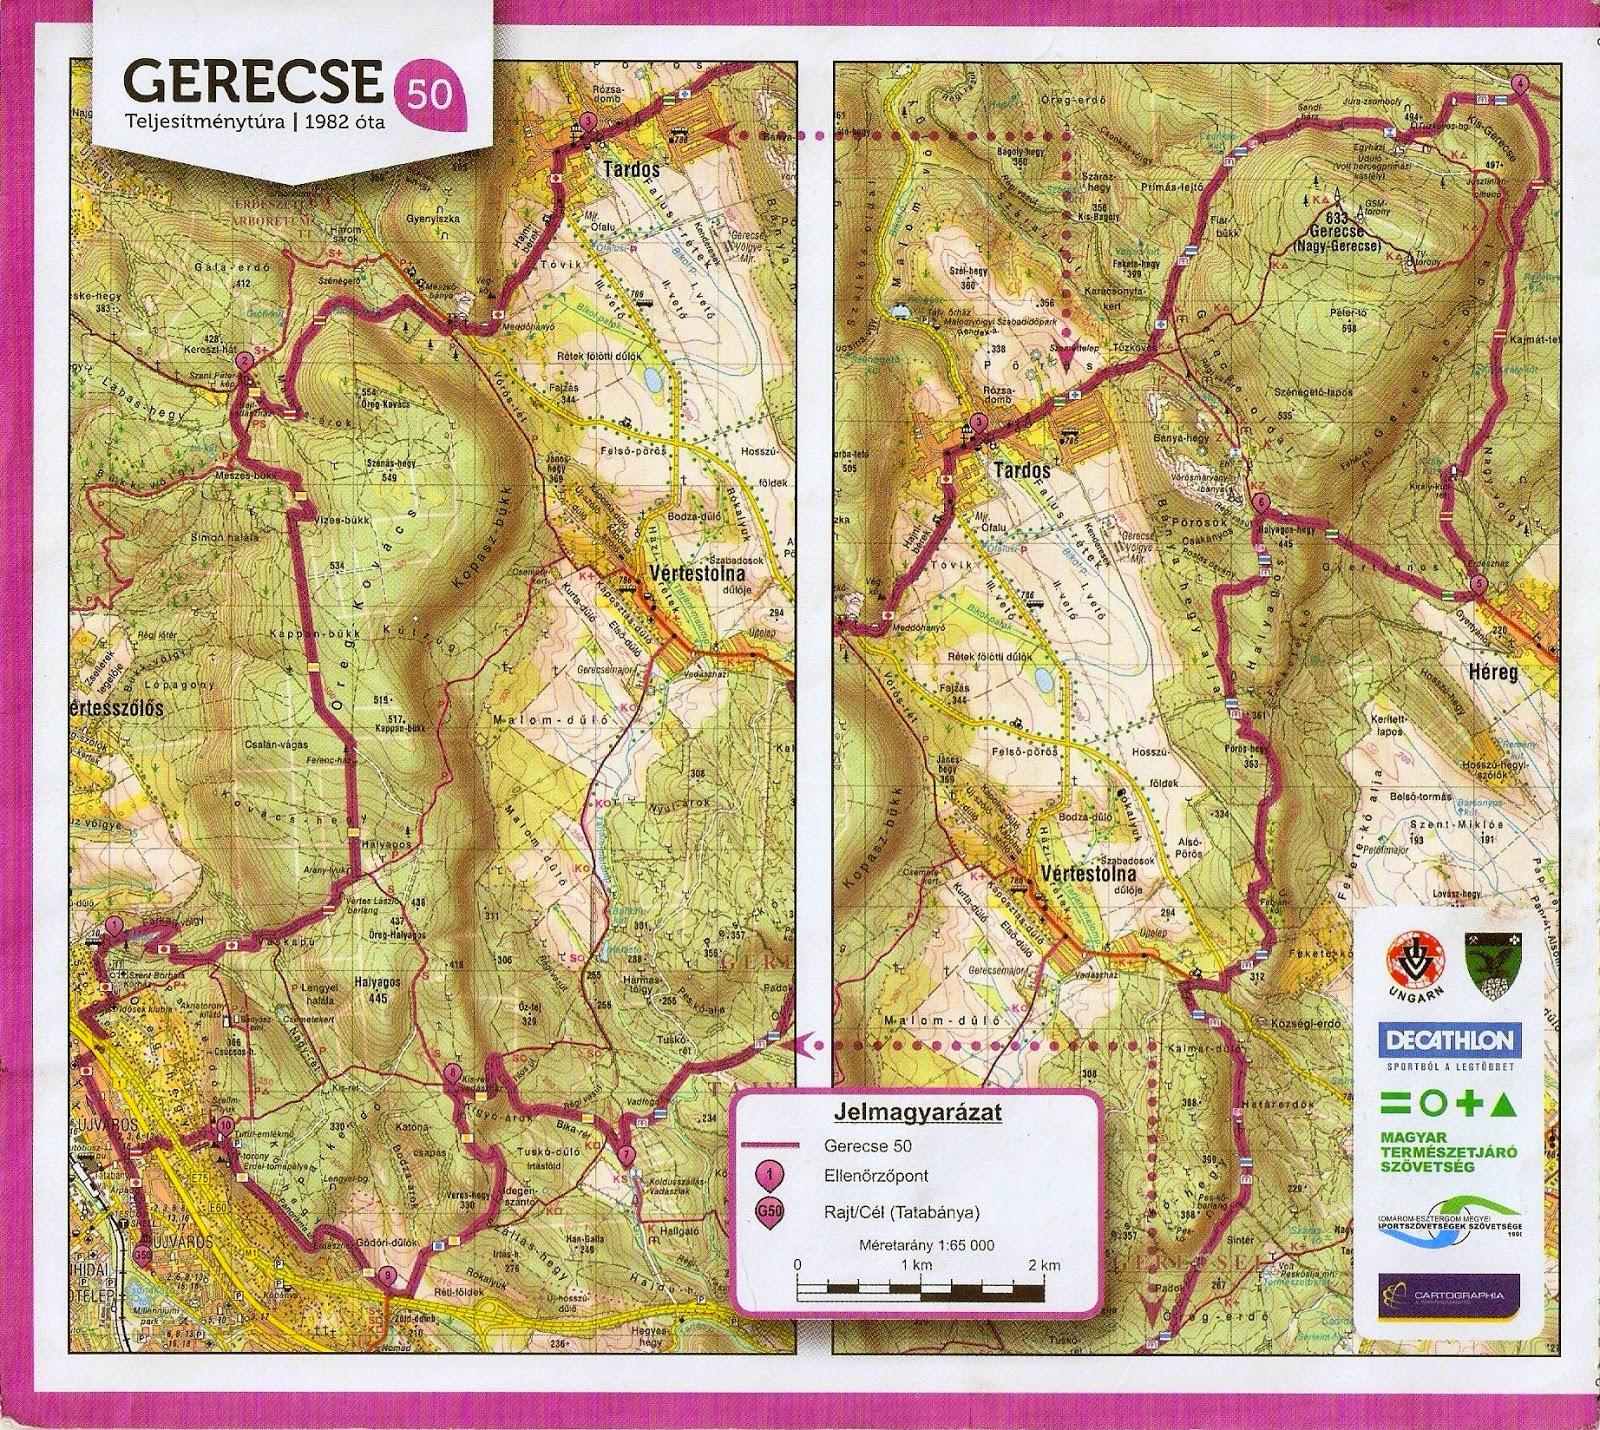 gerecse 50 térkép Itiner: Gerecse 50